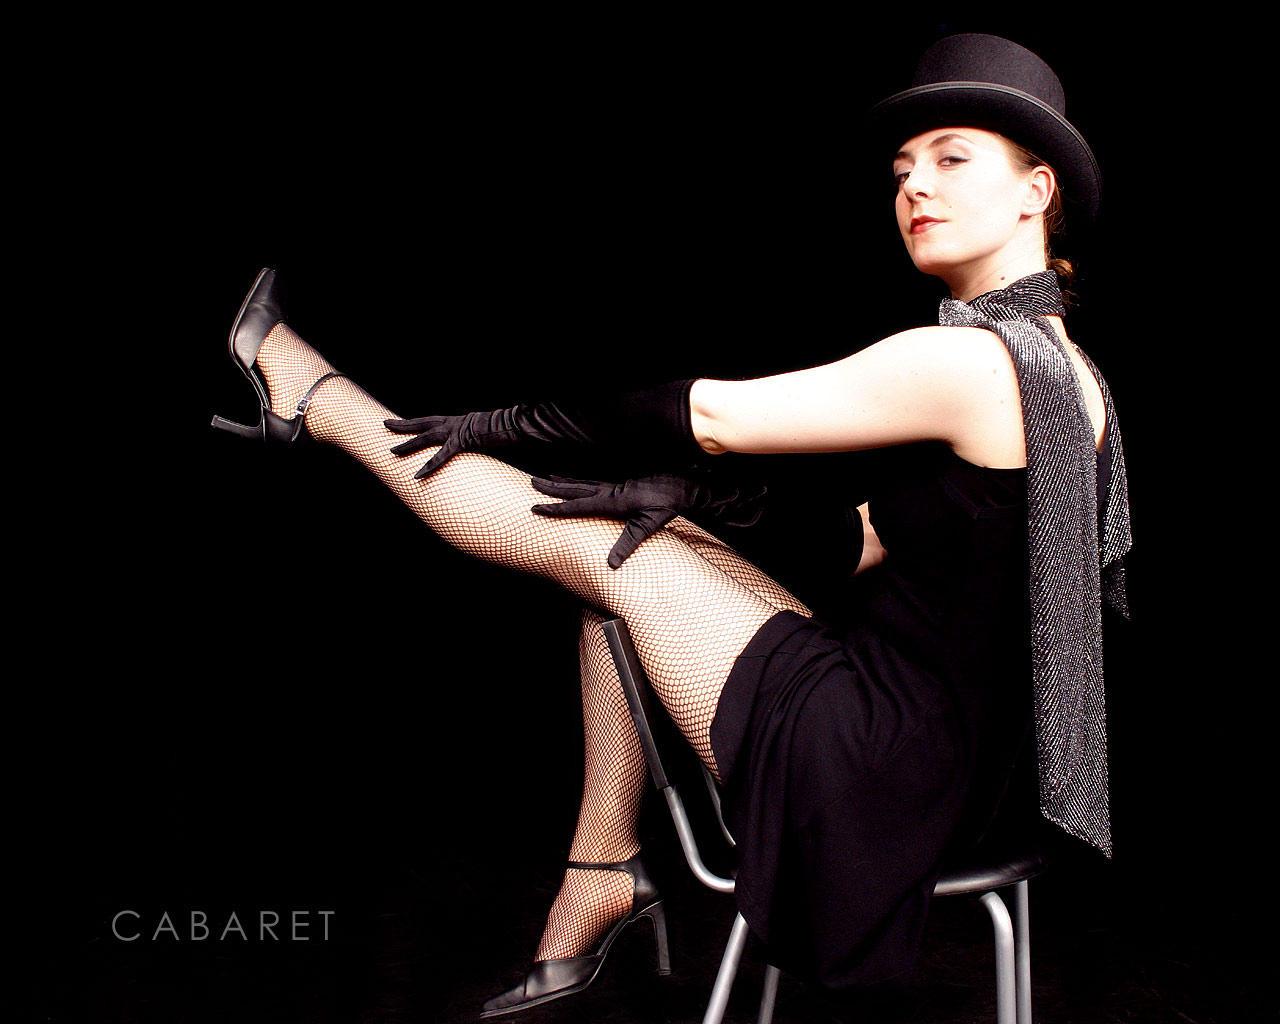 Dietrich by anubiz